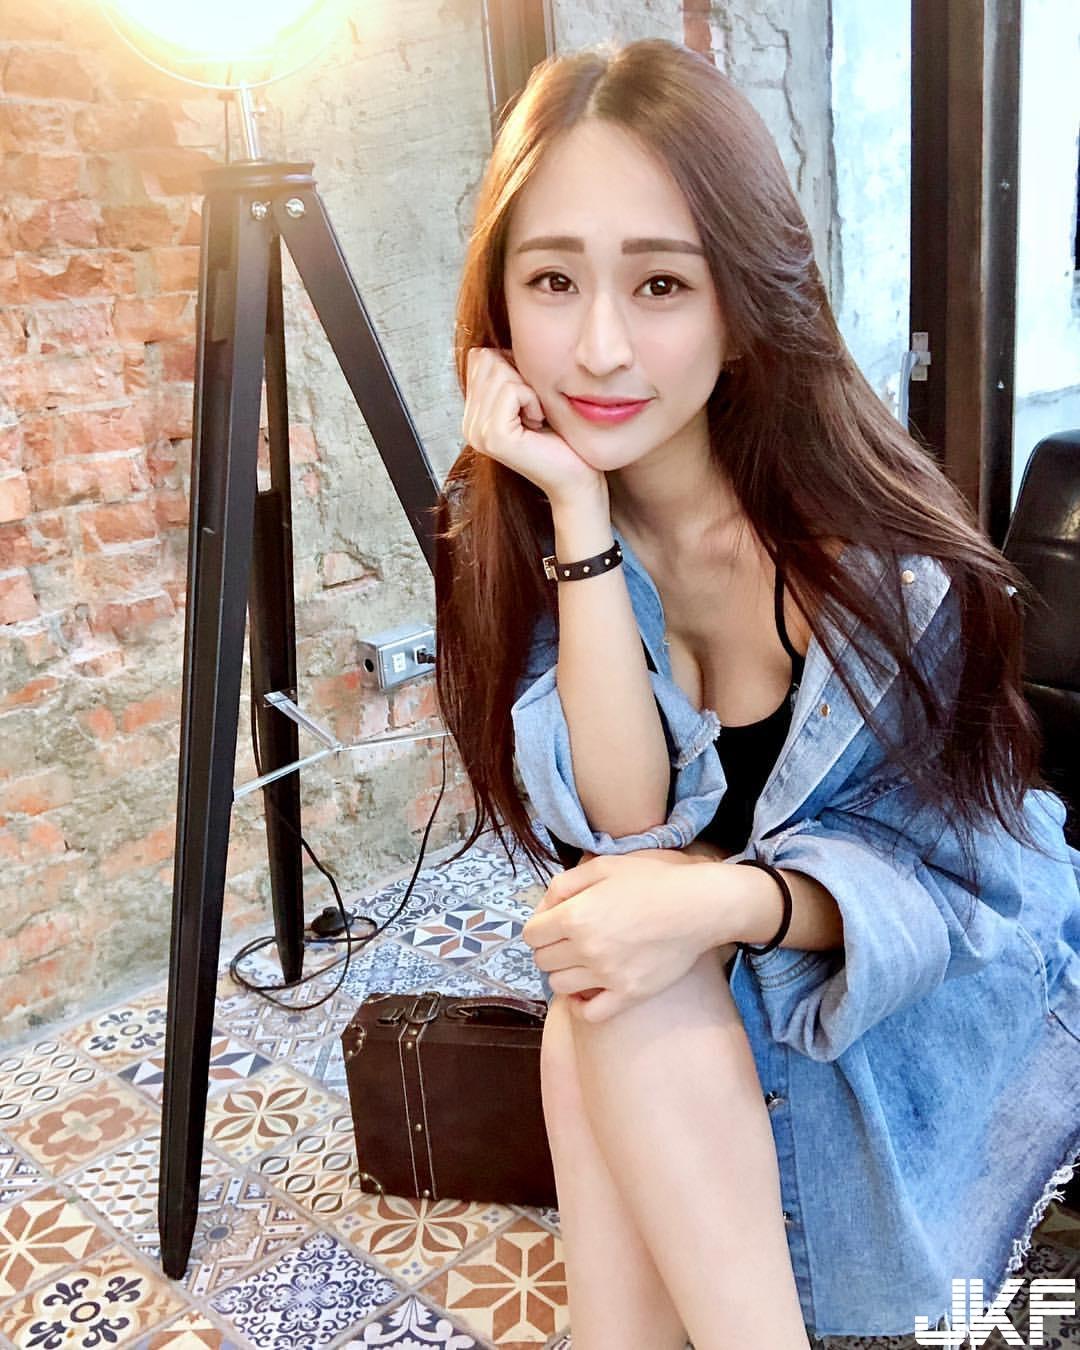 Youtuber 正妹 Weiwei 火紅比基尼襯托出好身材 - 素人正妹 -